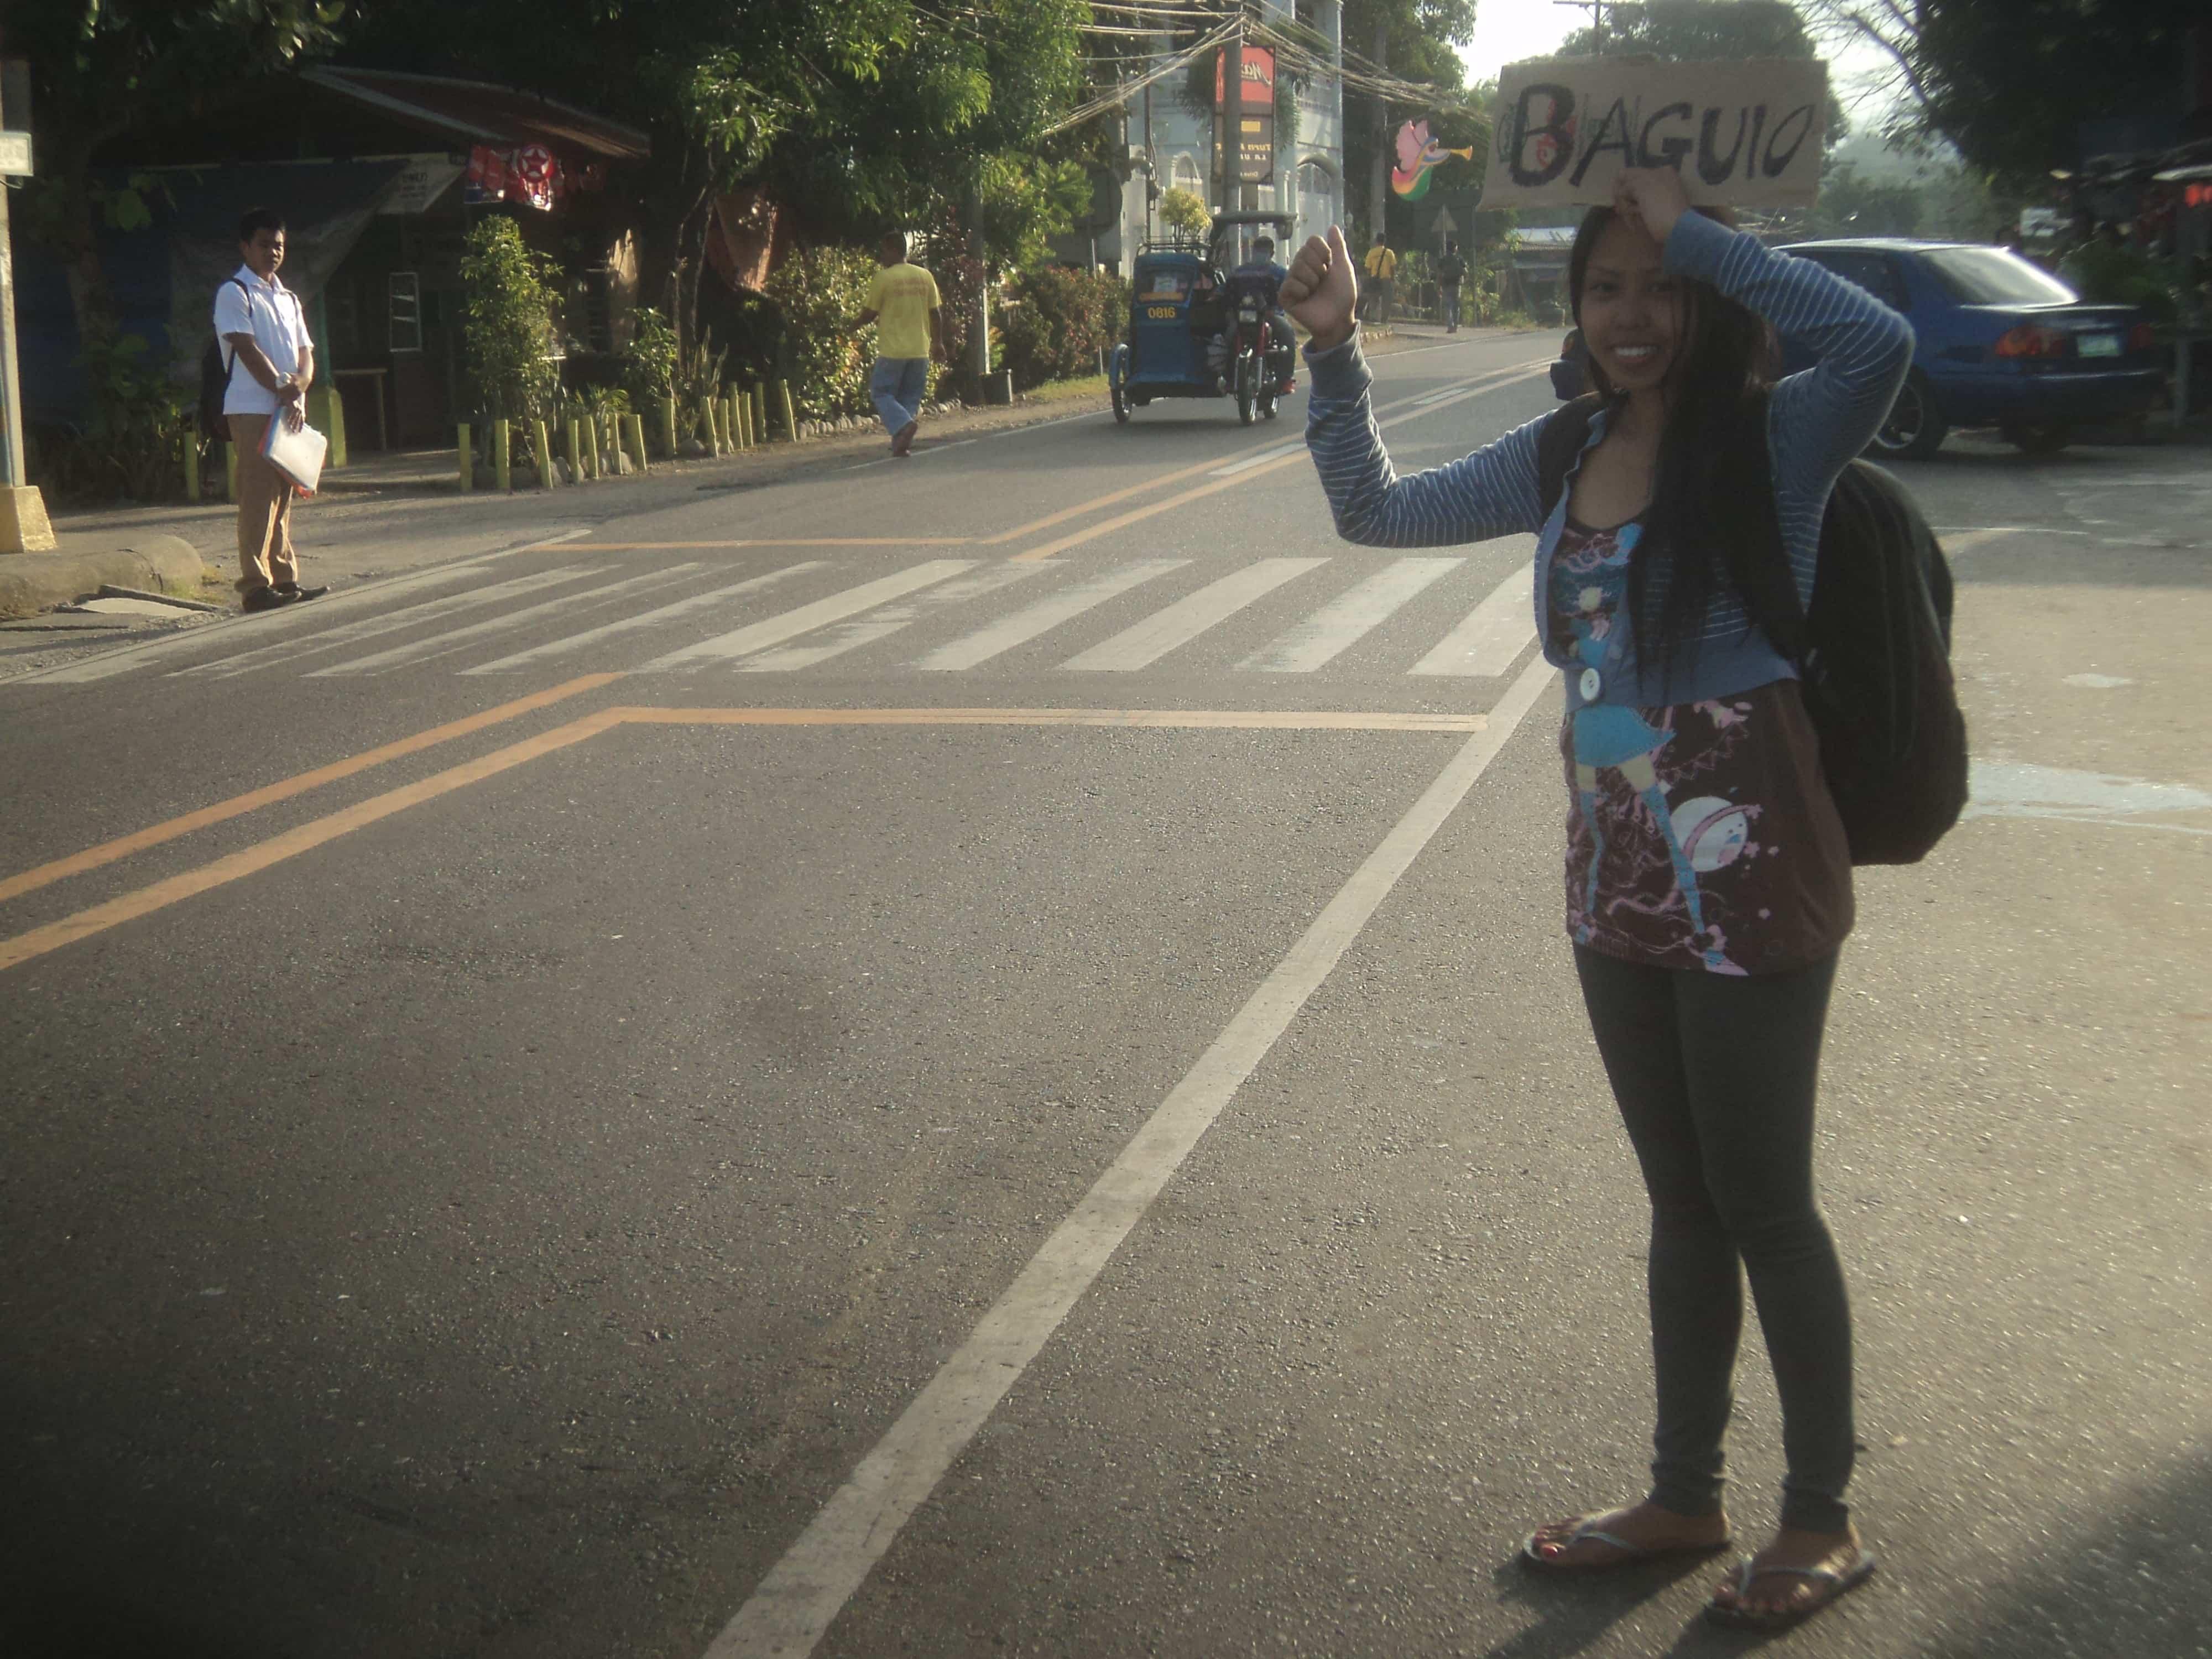 A Baguio .